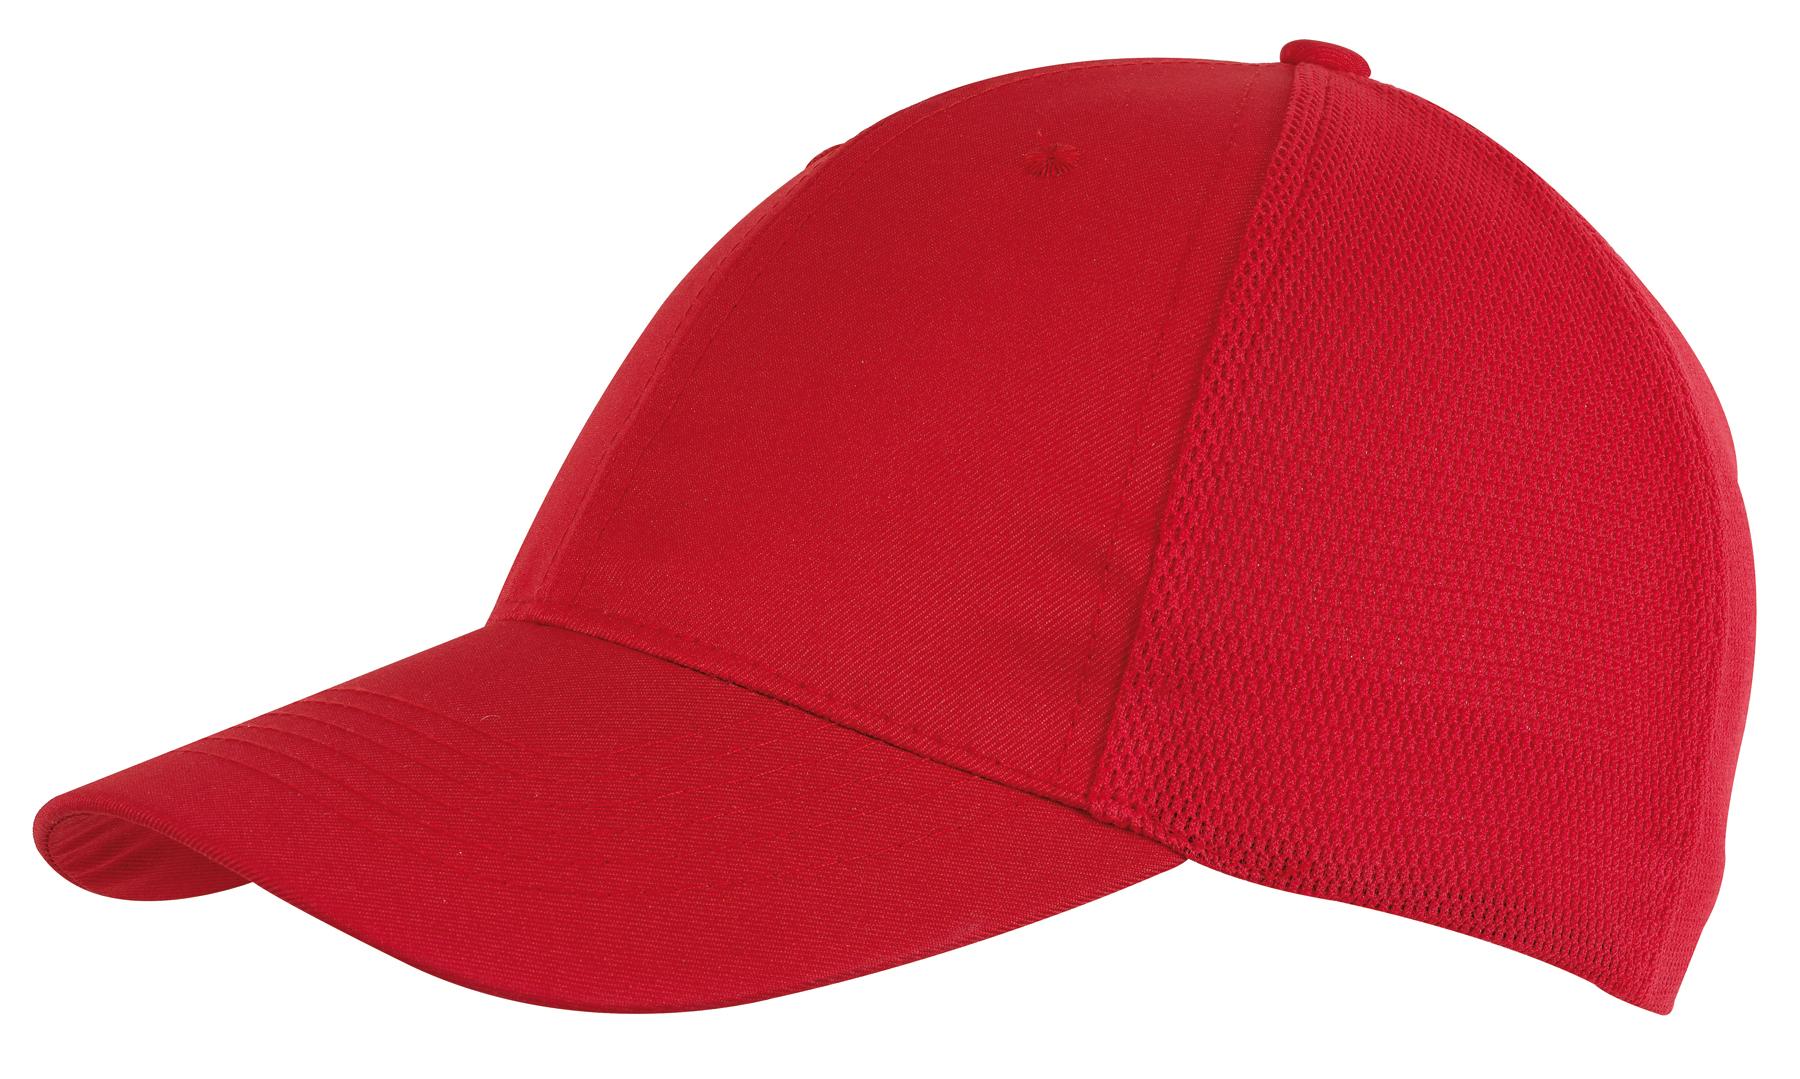 6 segmentowa czapka PITCHER, czerwony